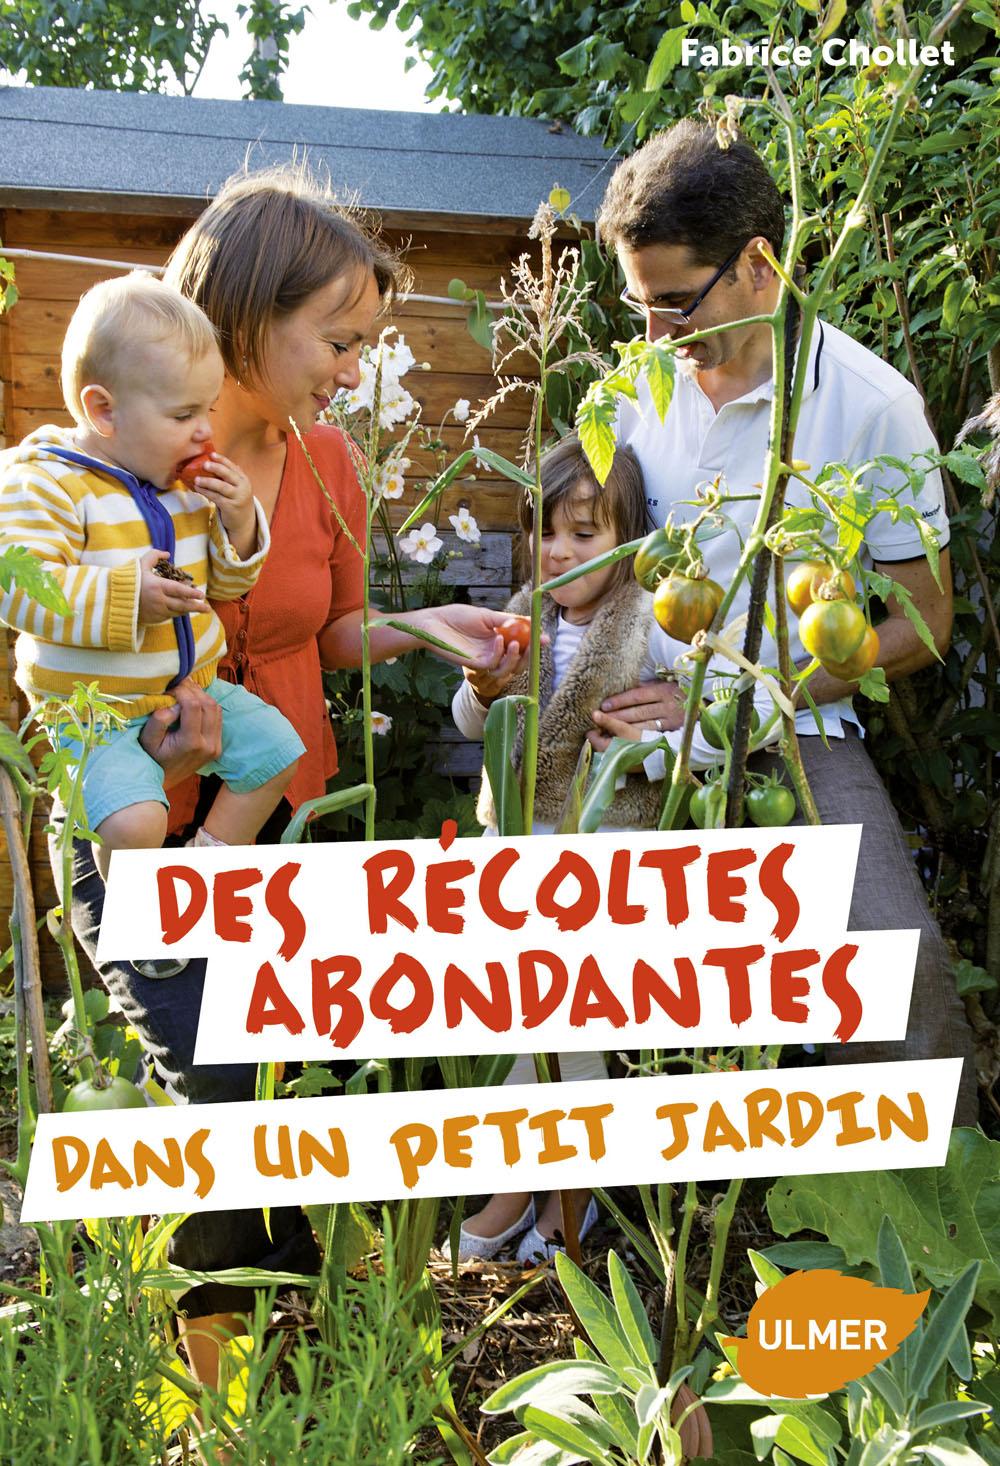 Visuel de couverture_Des r+®coltes abondantes dans un petit jardin